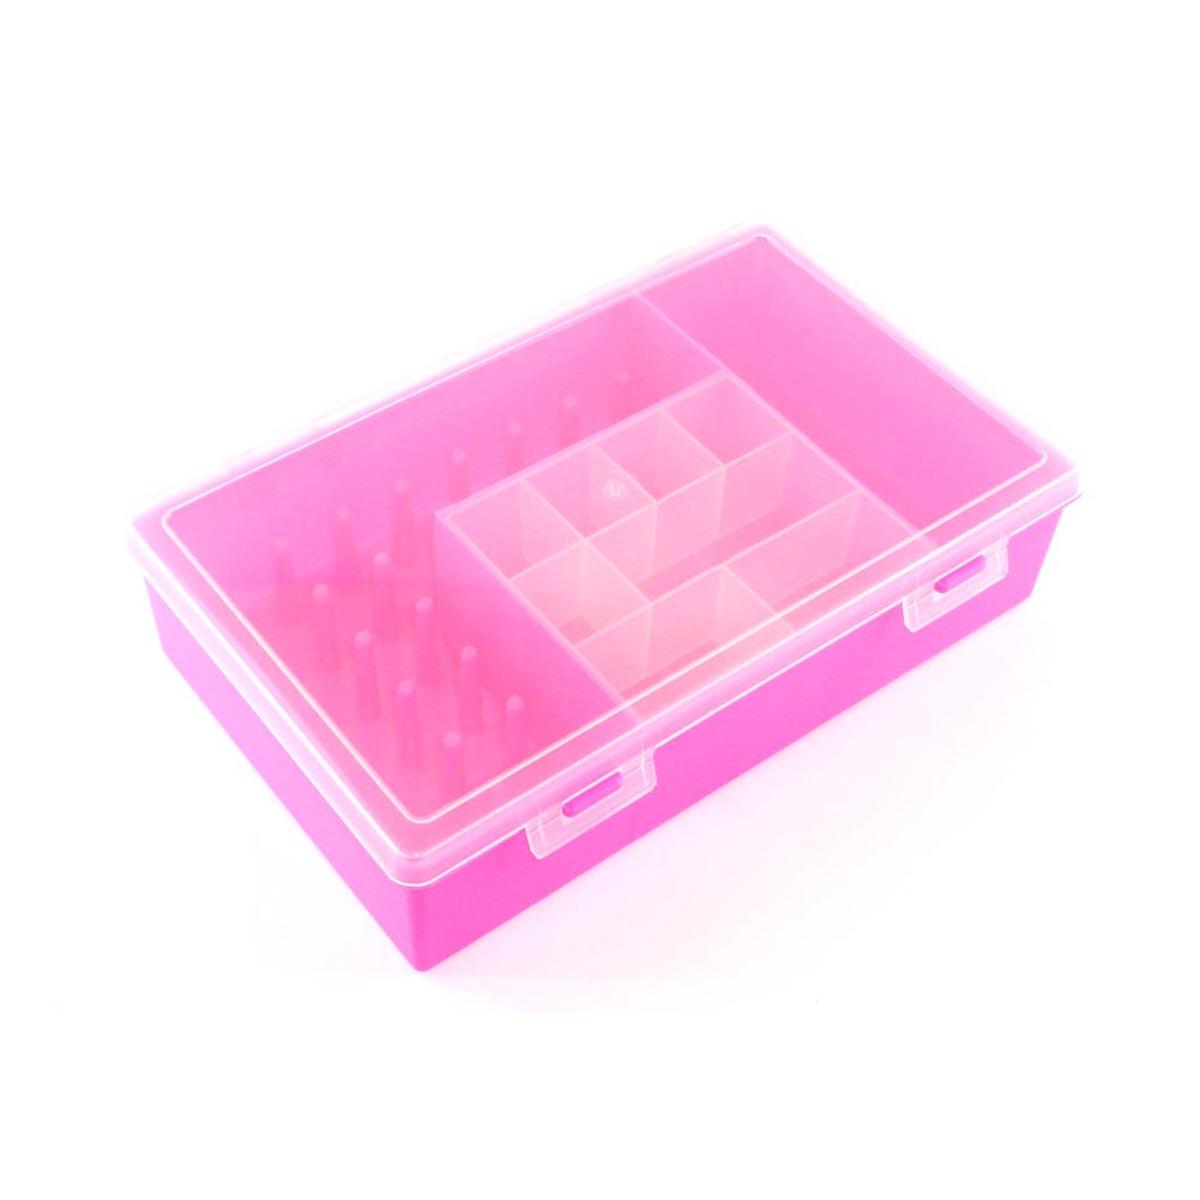 2868-2 ОРГАНАЙЗЕР для швейных принадлежностей розовый